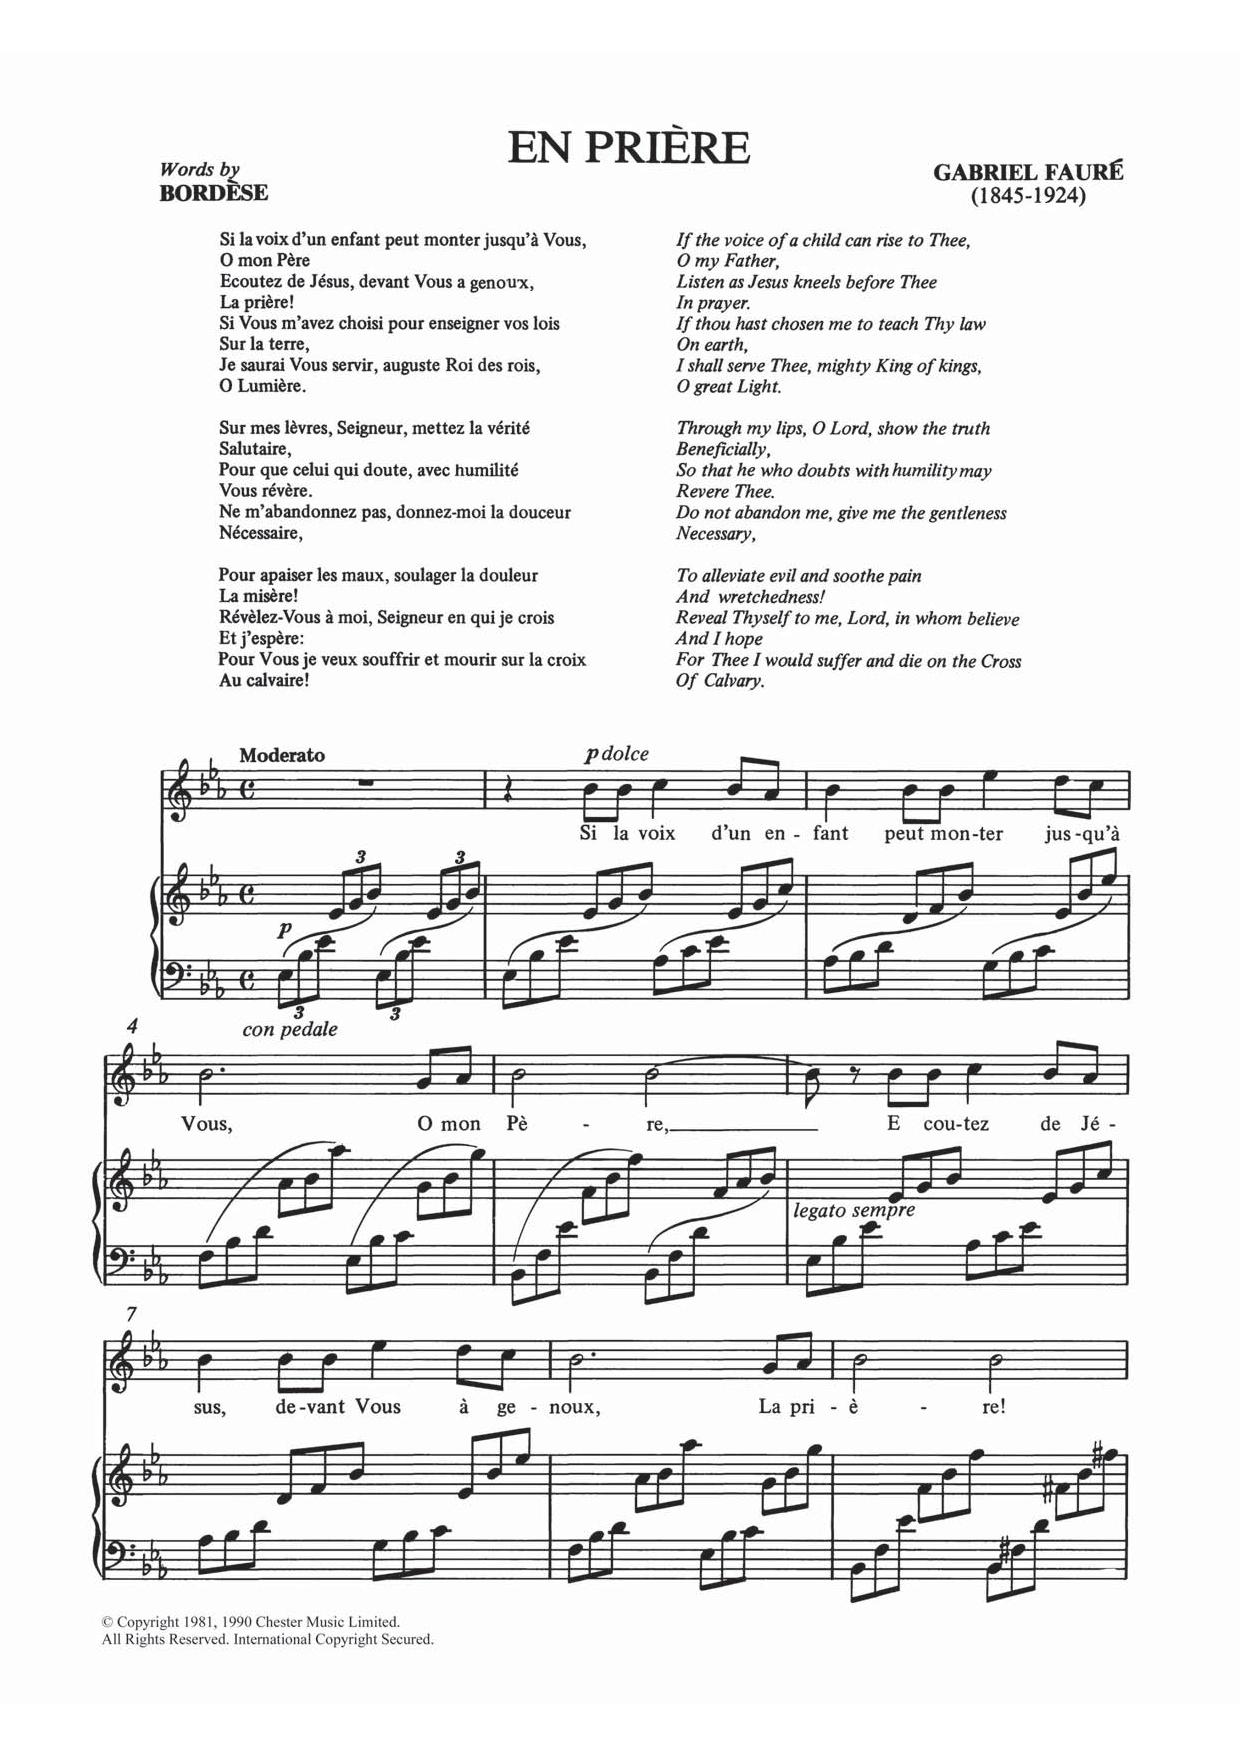 Gabriel Fauré - En Priere